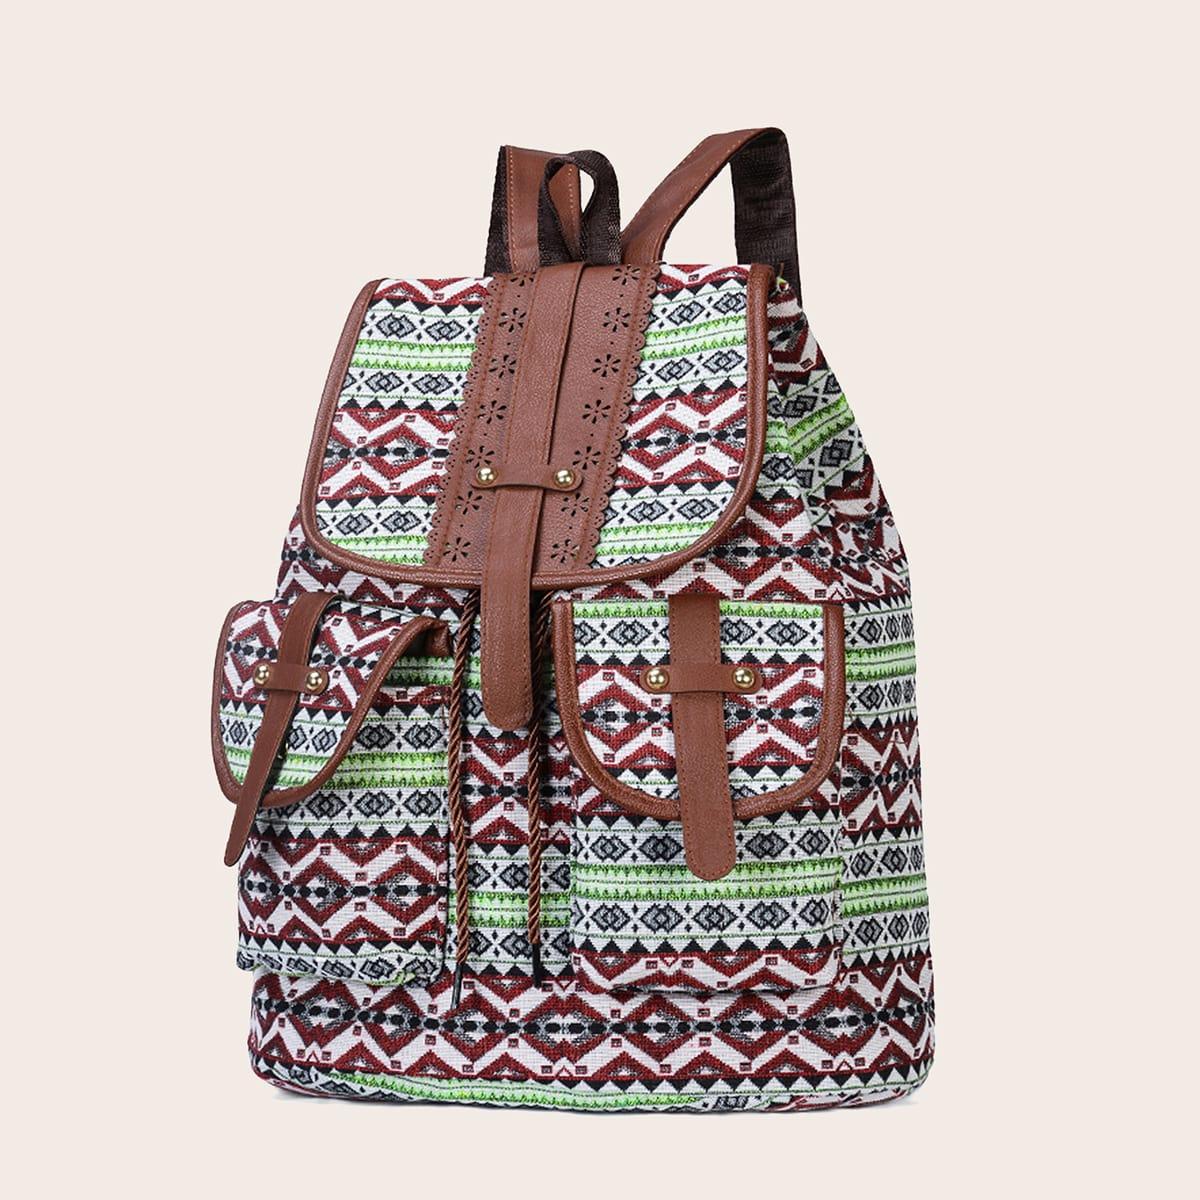 Рюкзак с племенным узором